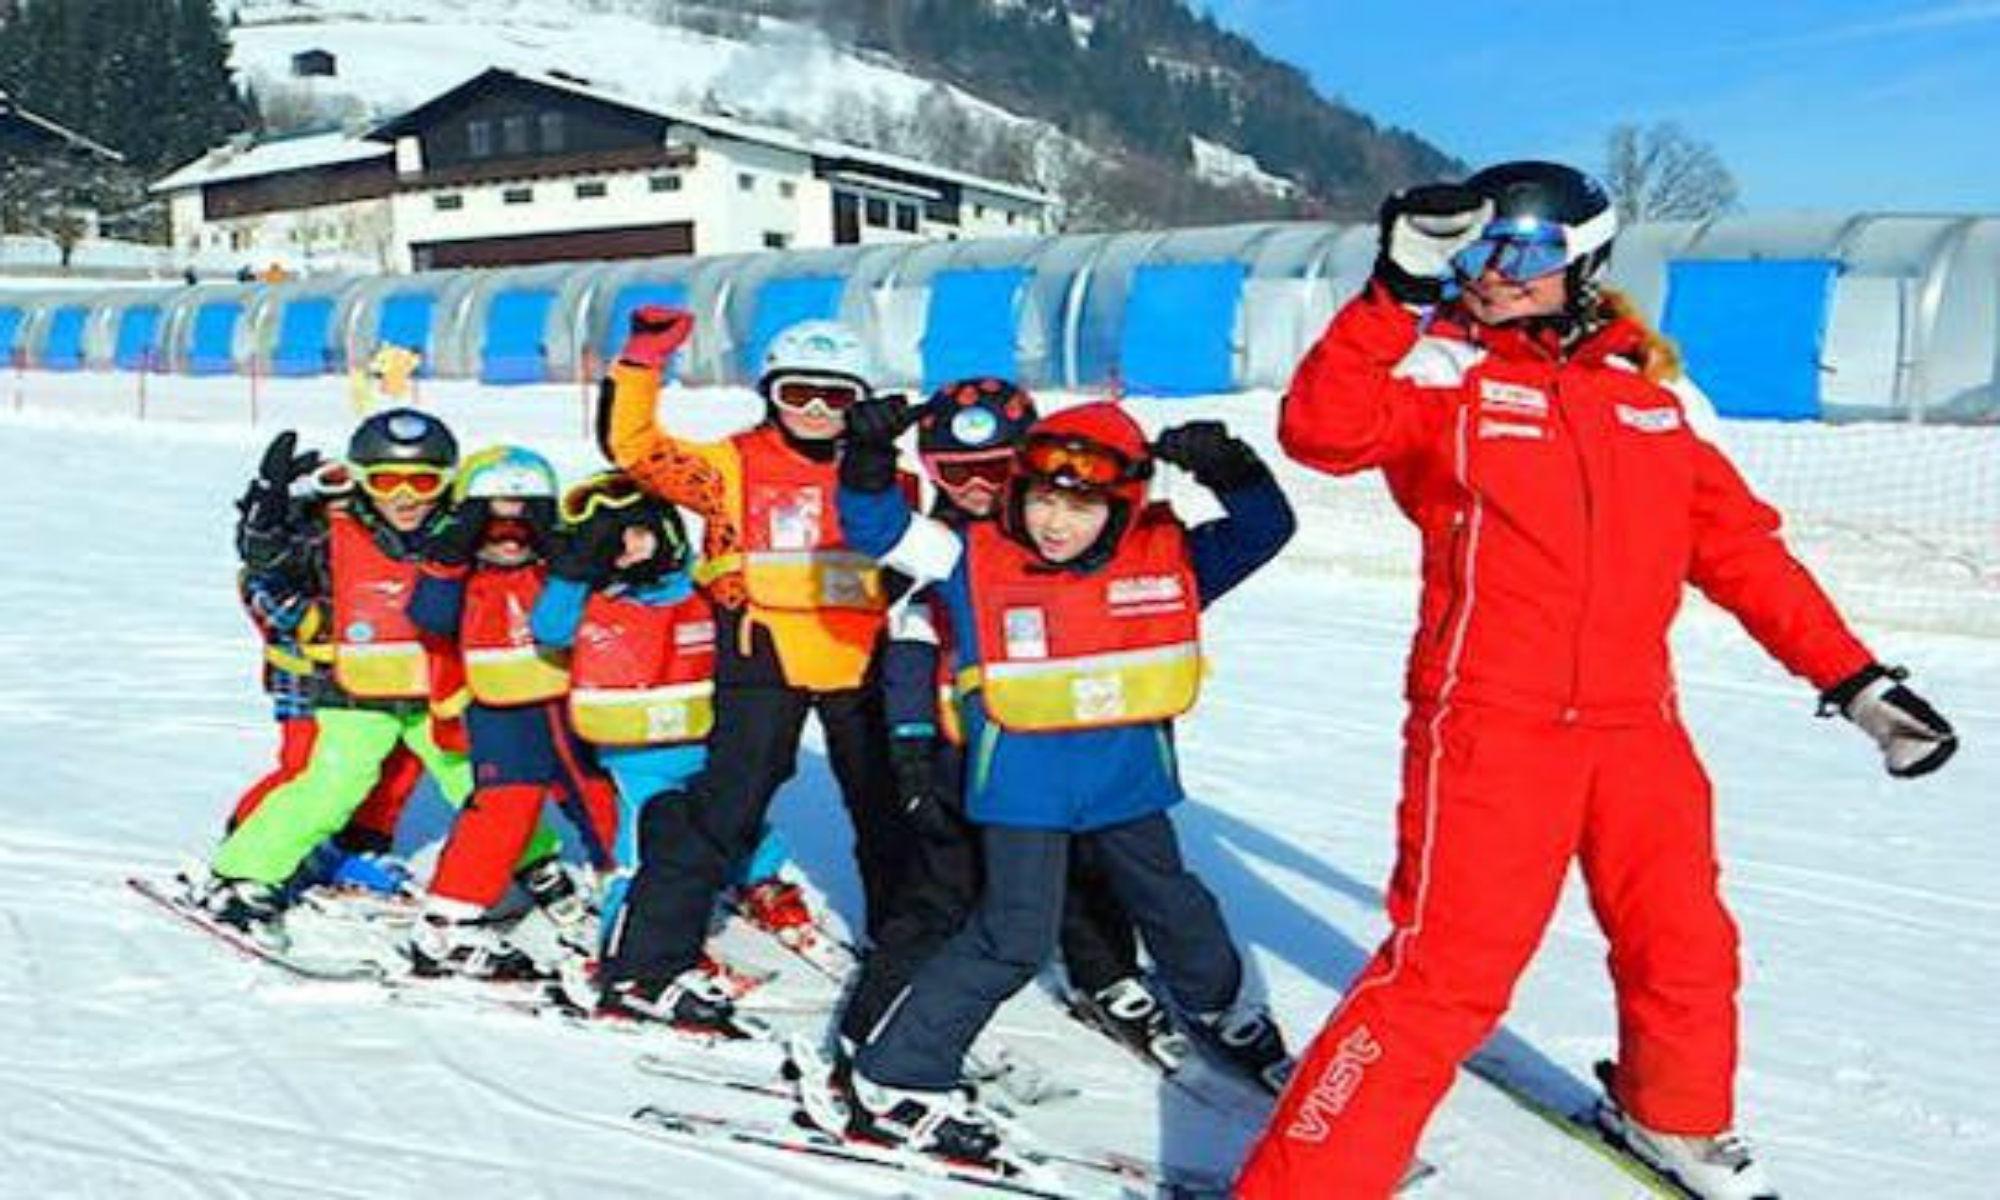 Een groepje leerlingen volgt hun skilerares tijdens een skiles met een van de skischolen in Zell am See.